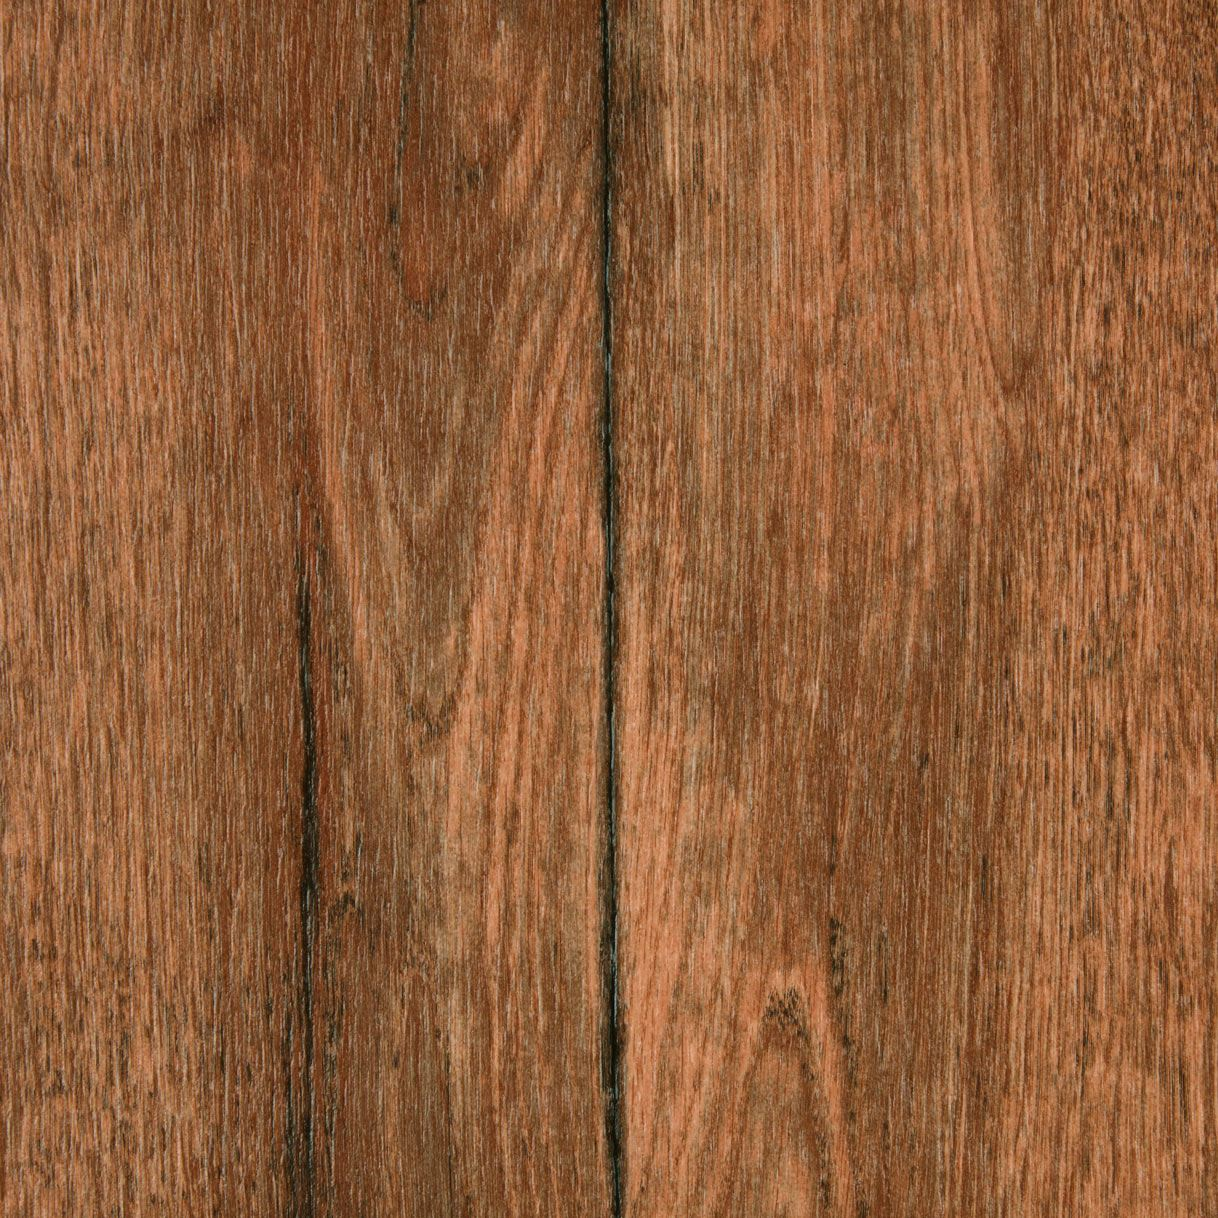 Peninsula Forestry Vinyl